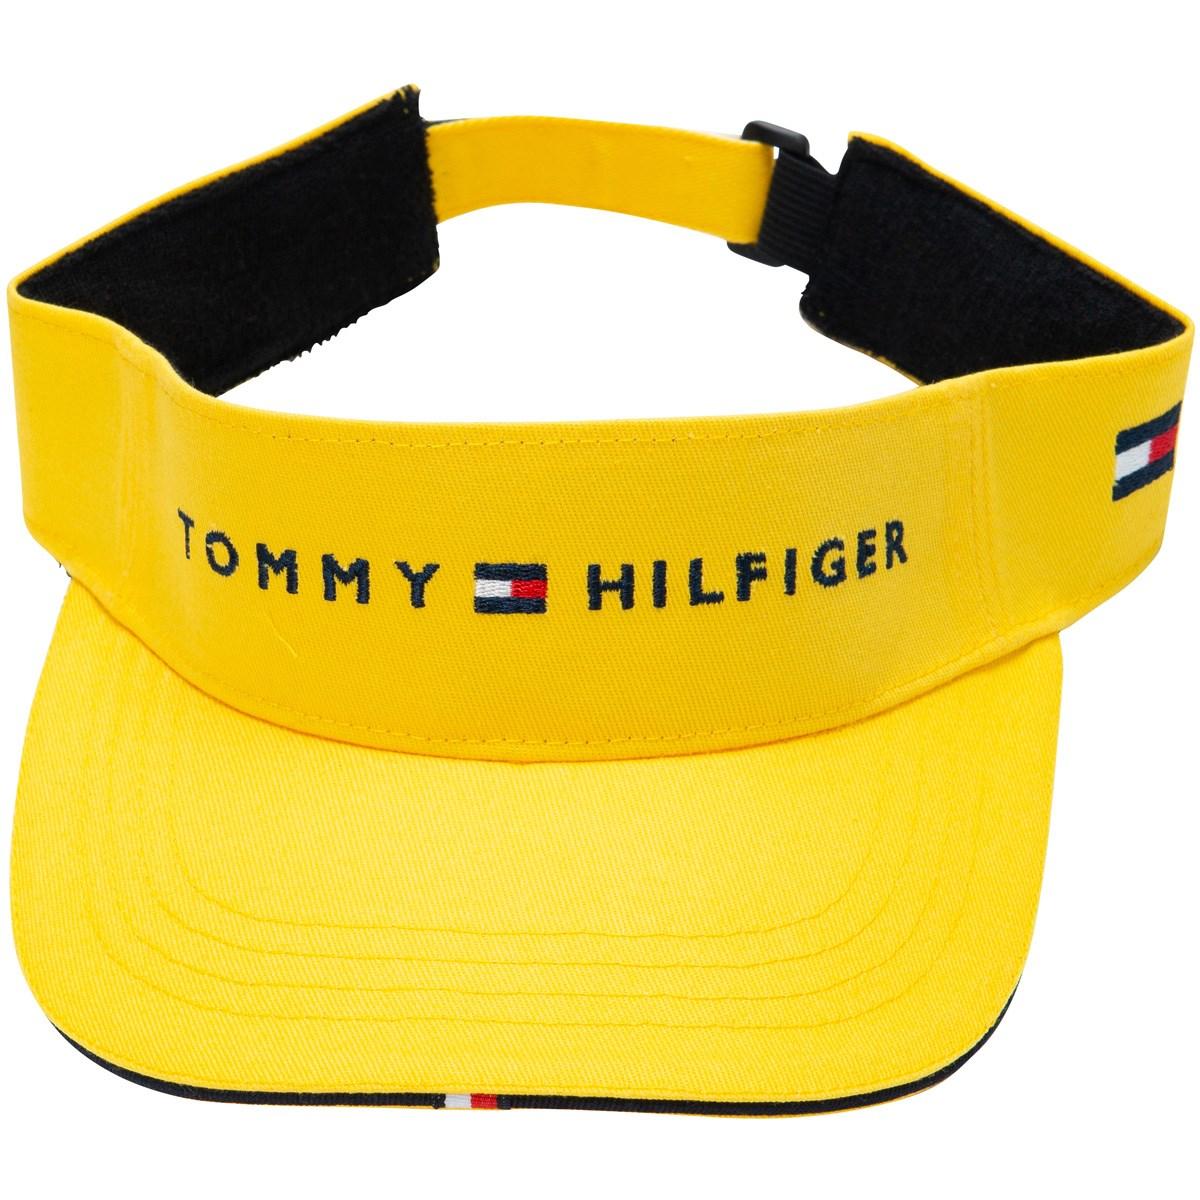 トミーヒルフィガー(Tommy Hilfiger) TH LOGO サンバイザー